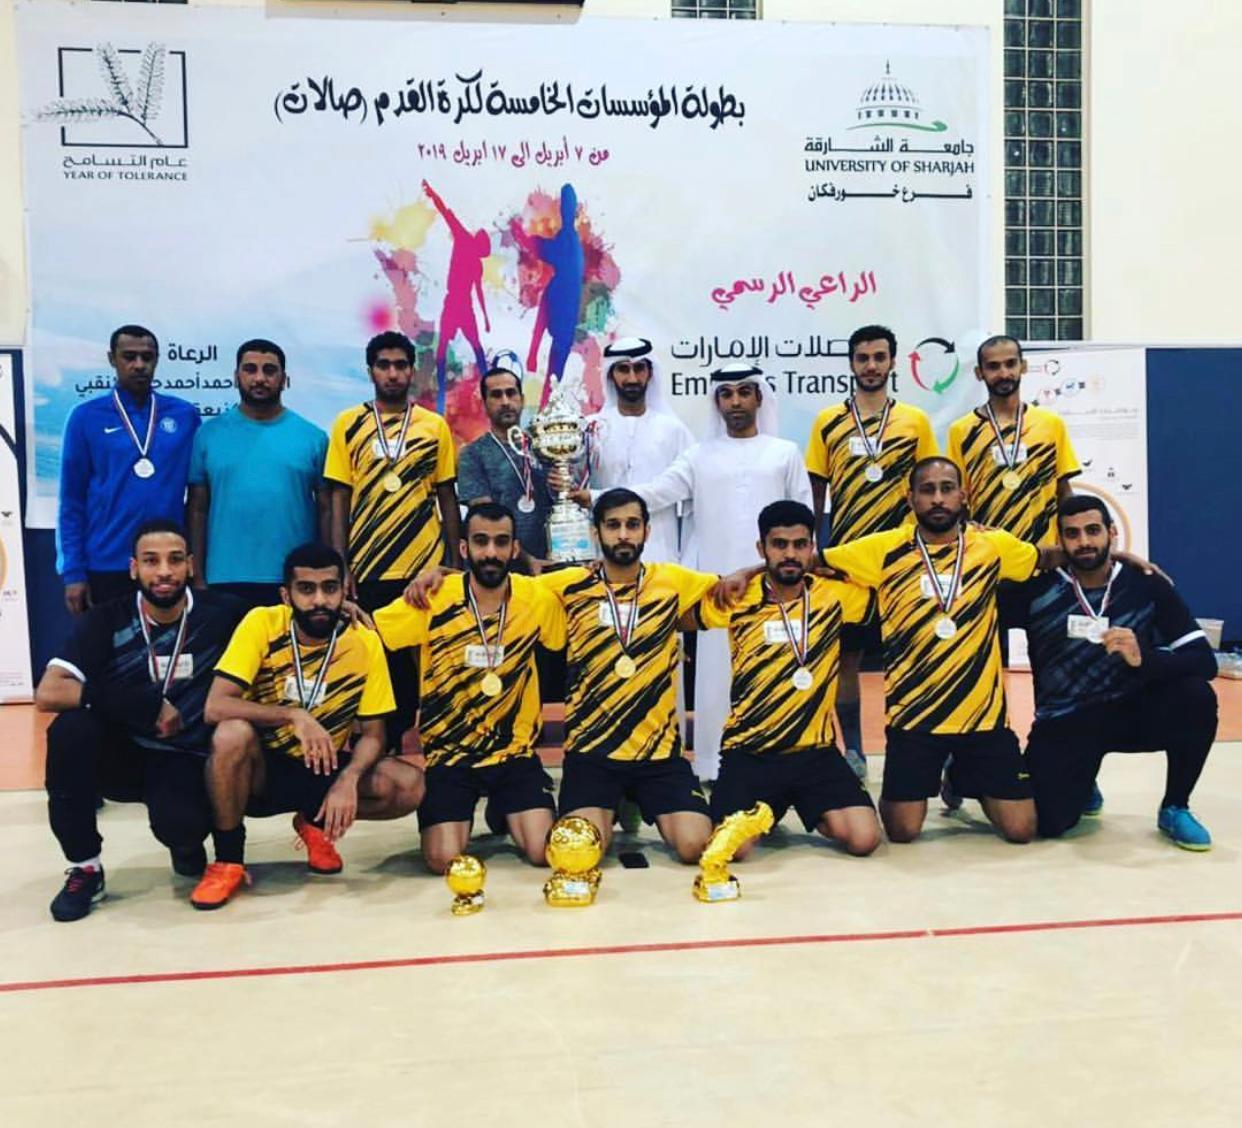 الدفاع المدني الشارقة يتوج بلقب بطولة المؤسسات الخامسة لكرة القدم (صالات)